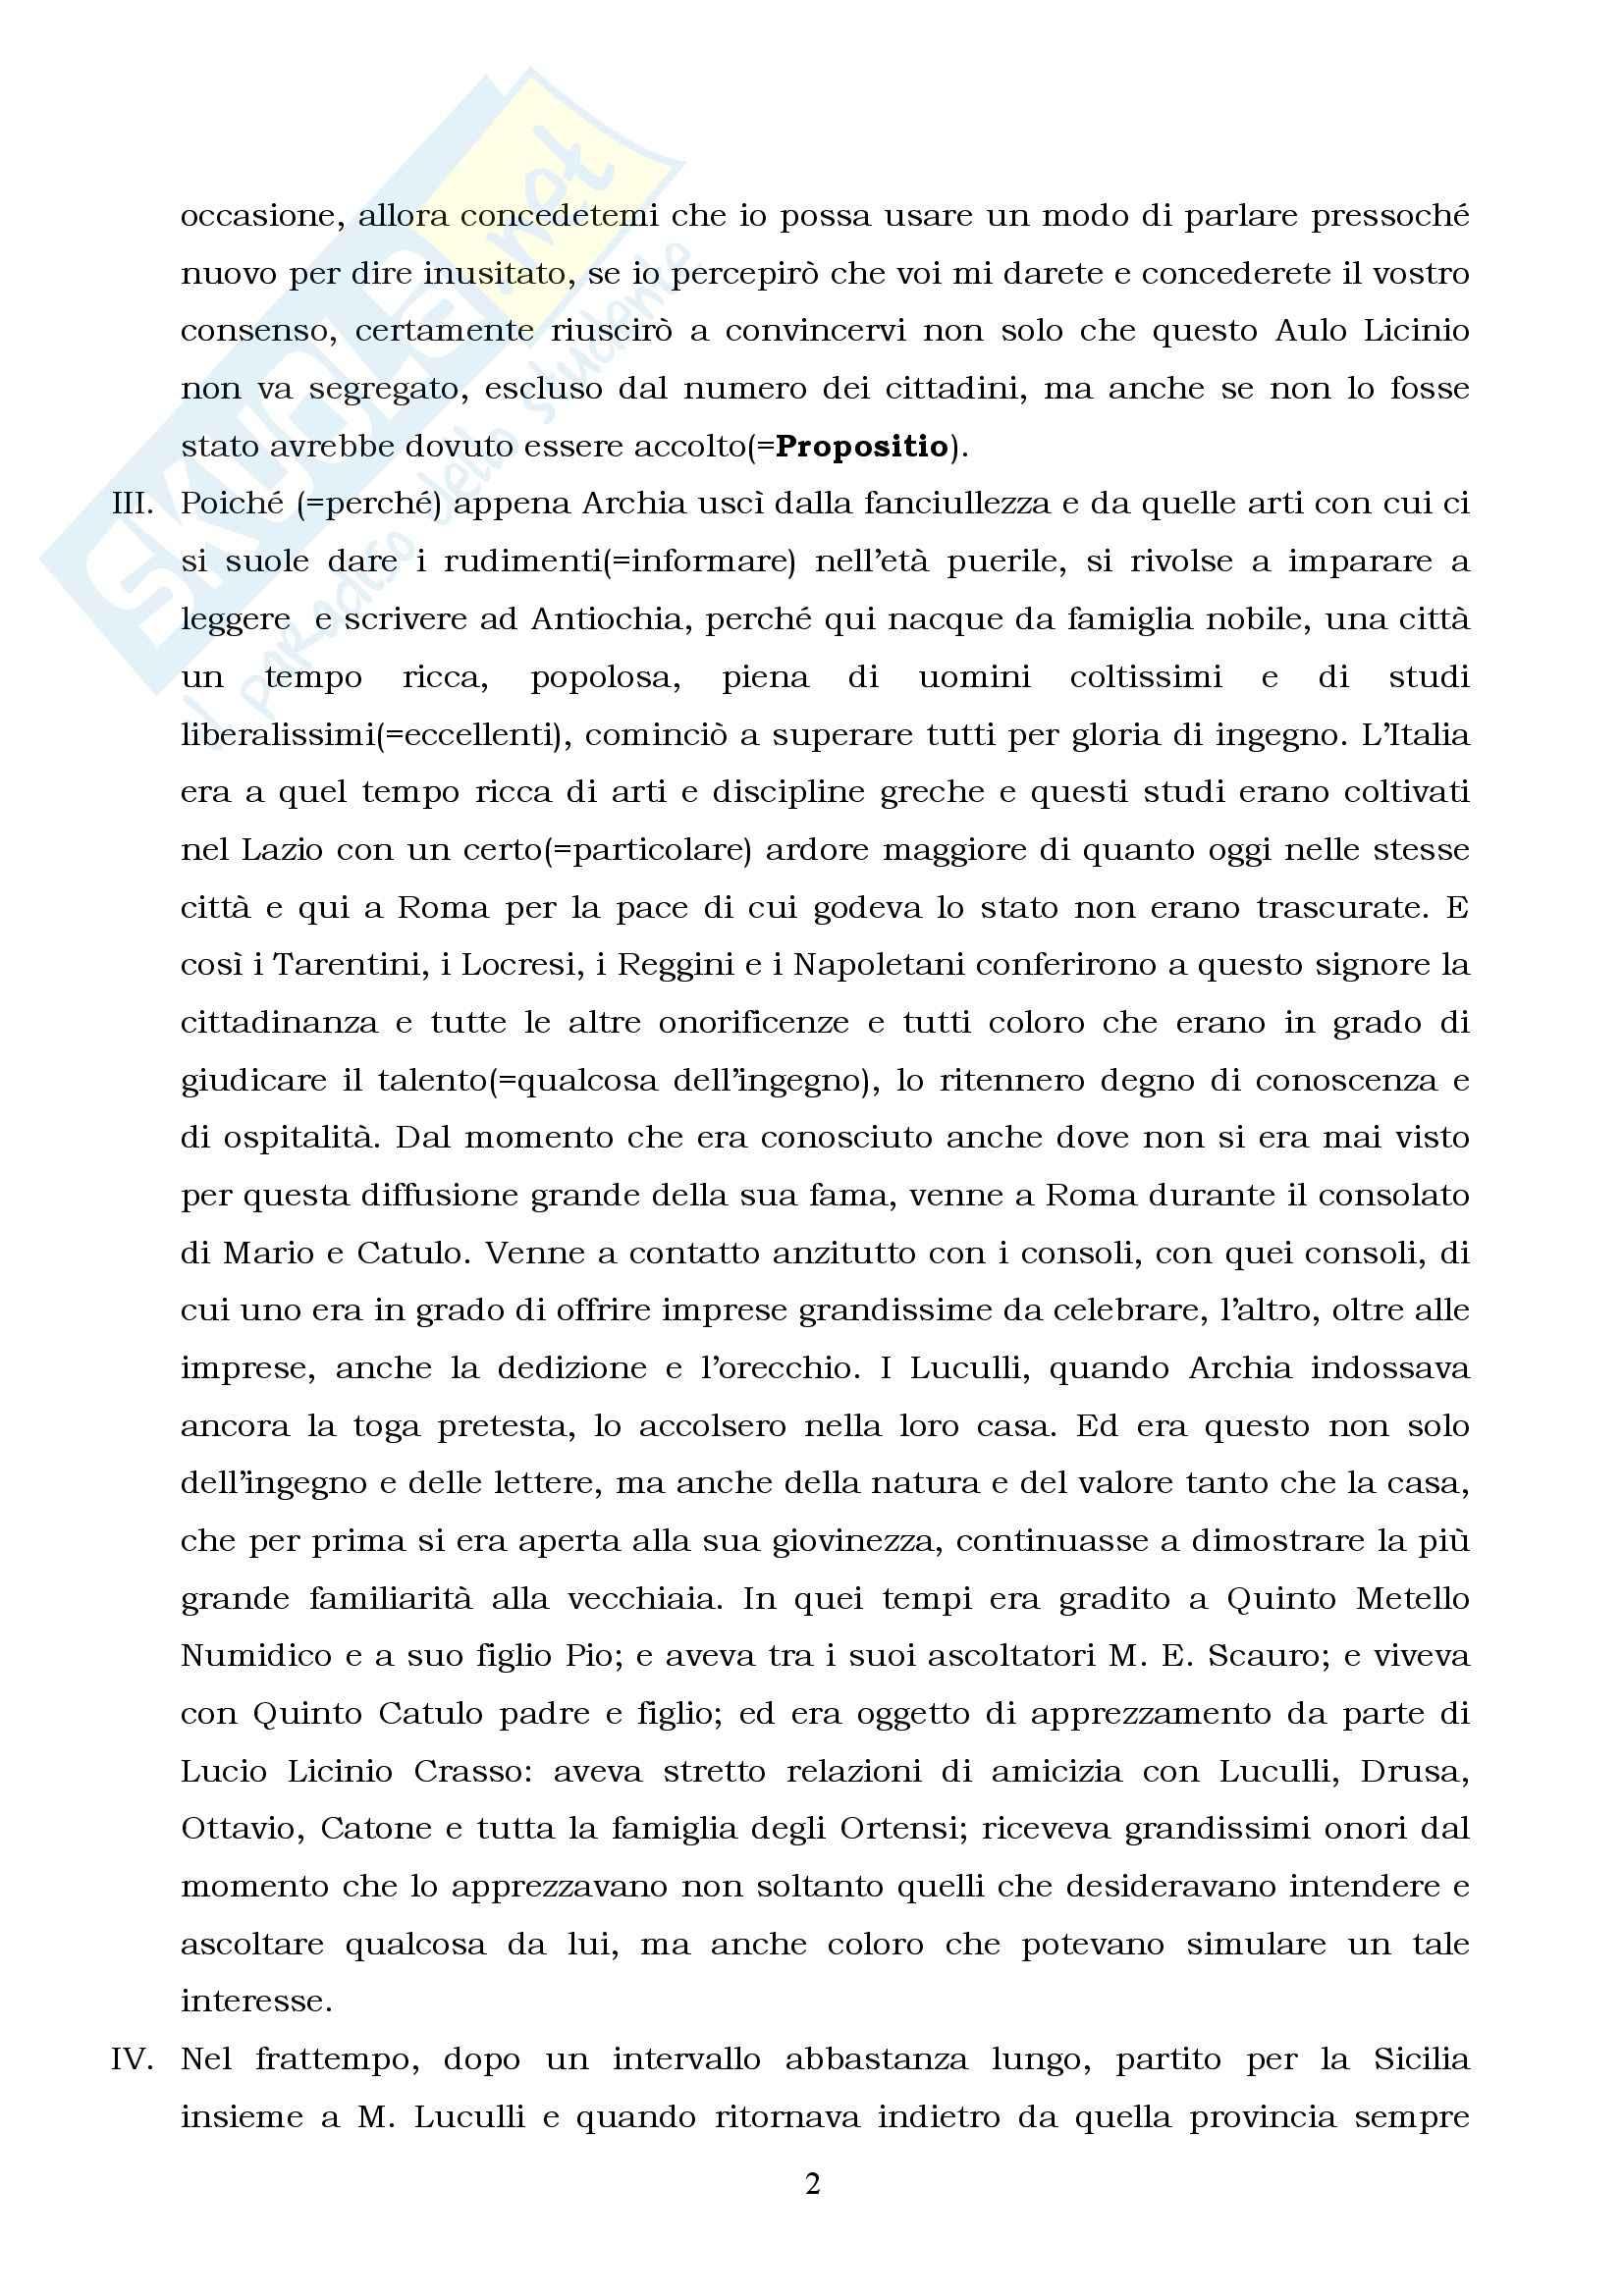 Letteratura latina - il Pro Archia Pag. 2